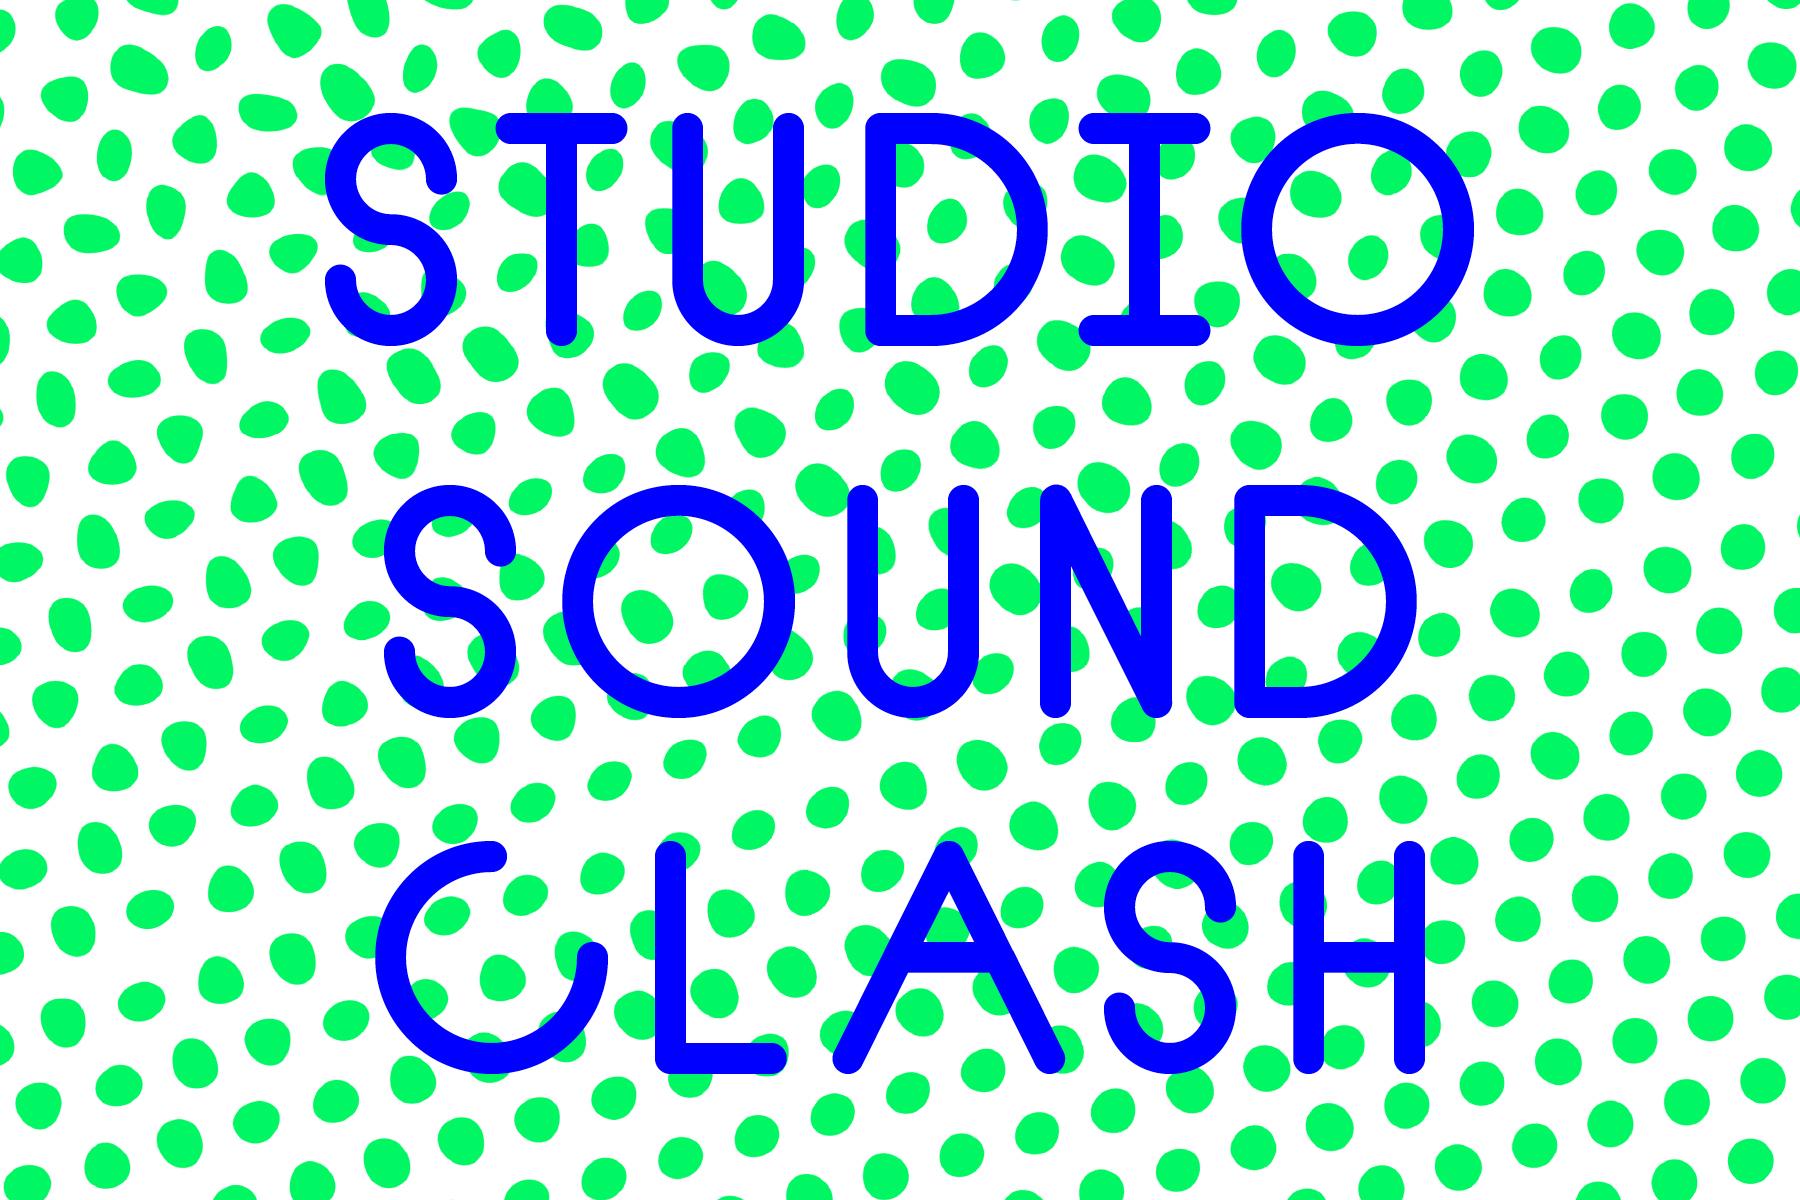 Studio Soundclash #2